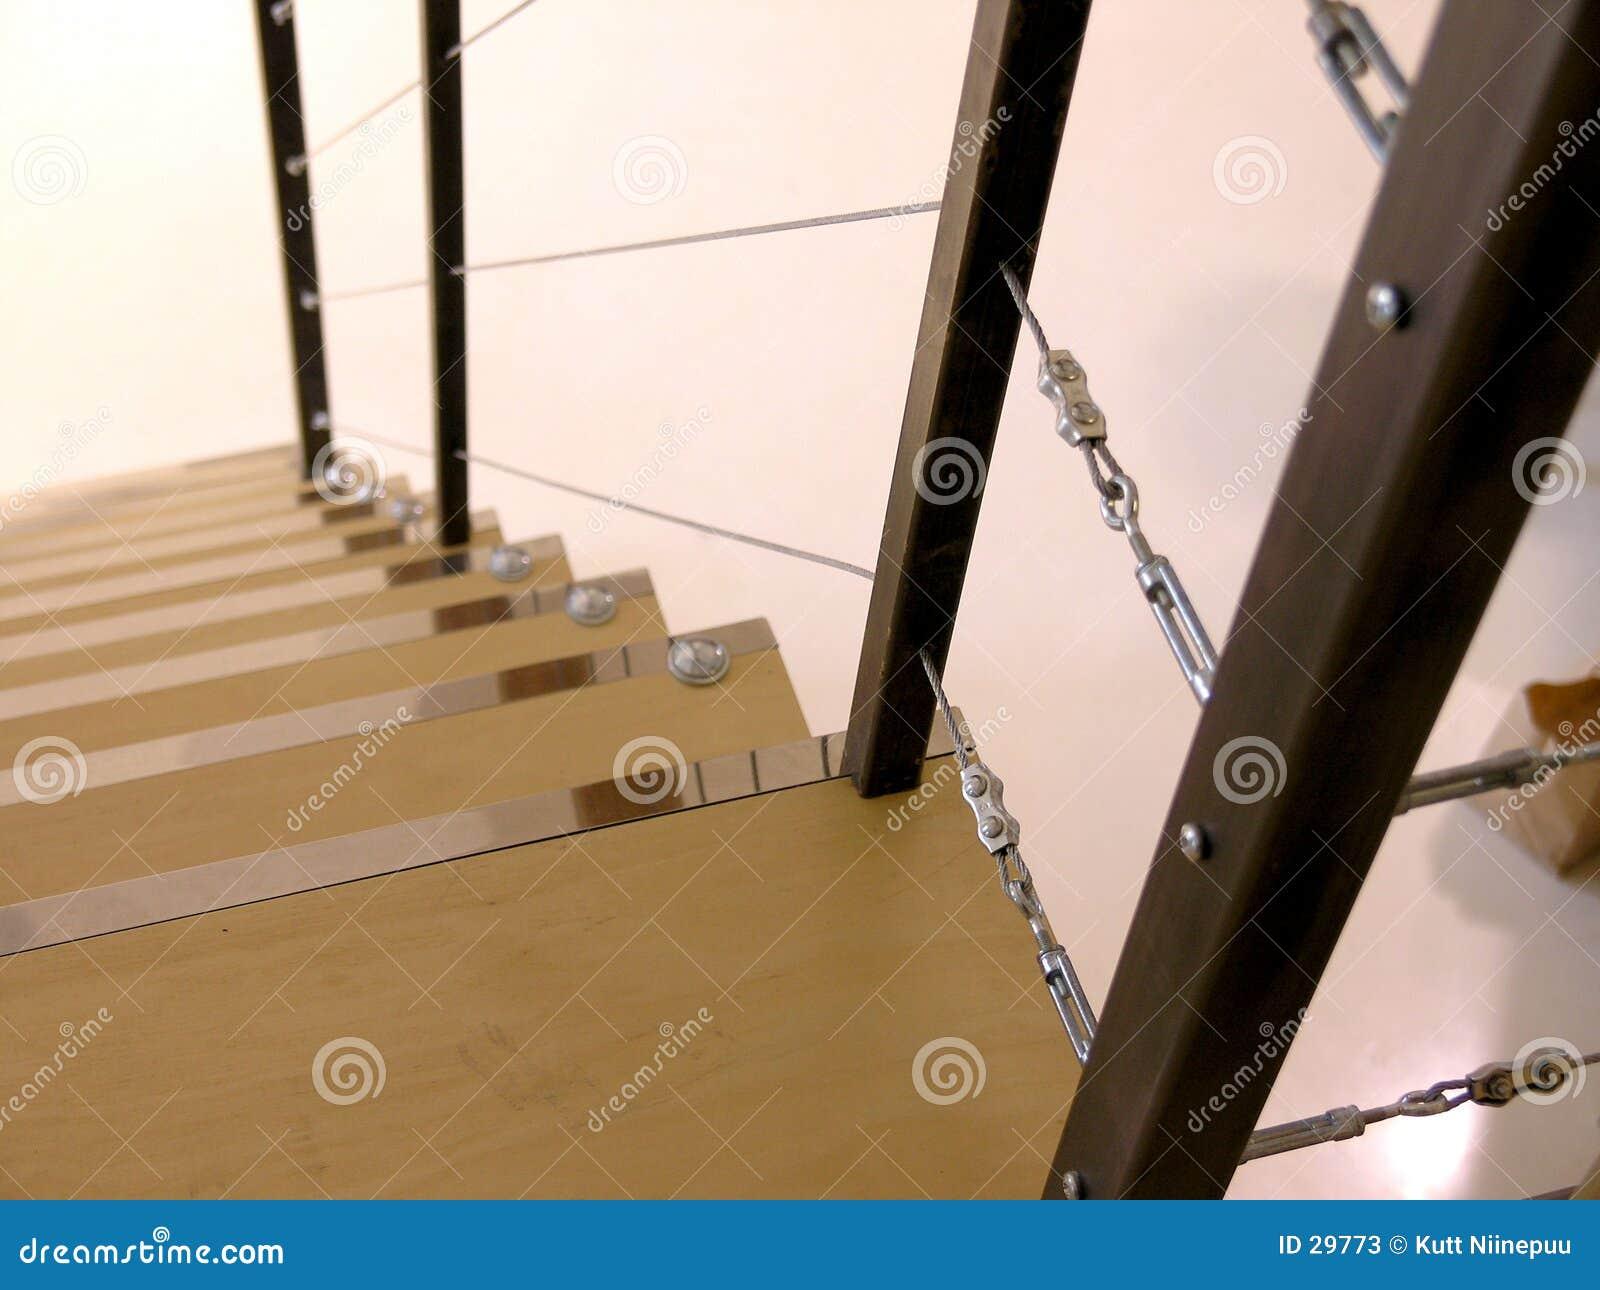 Download Escaleras imagen de archivo. Imagen de downward, moderno - 29773